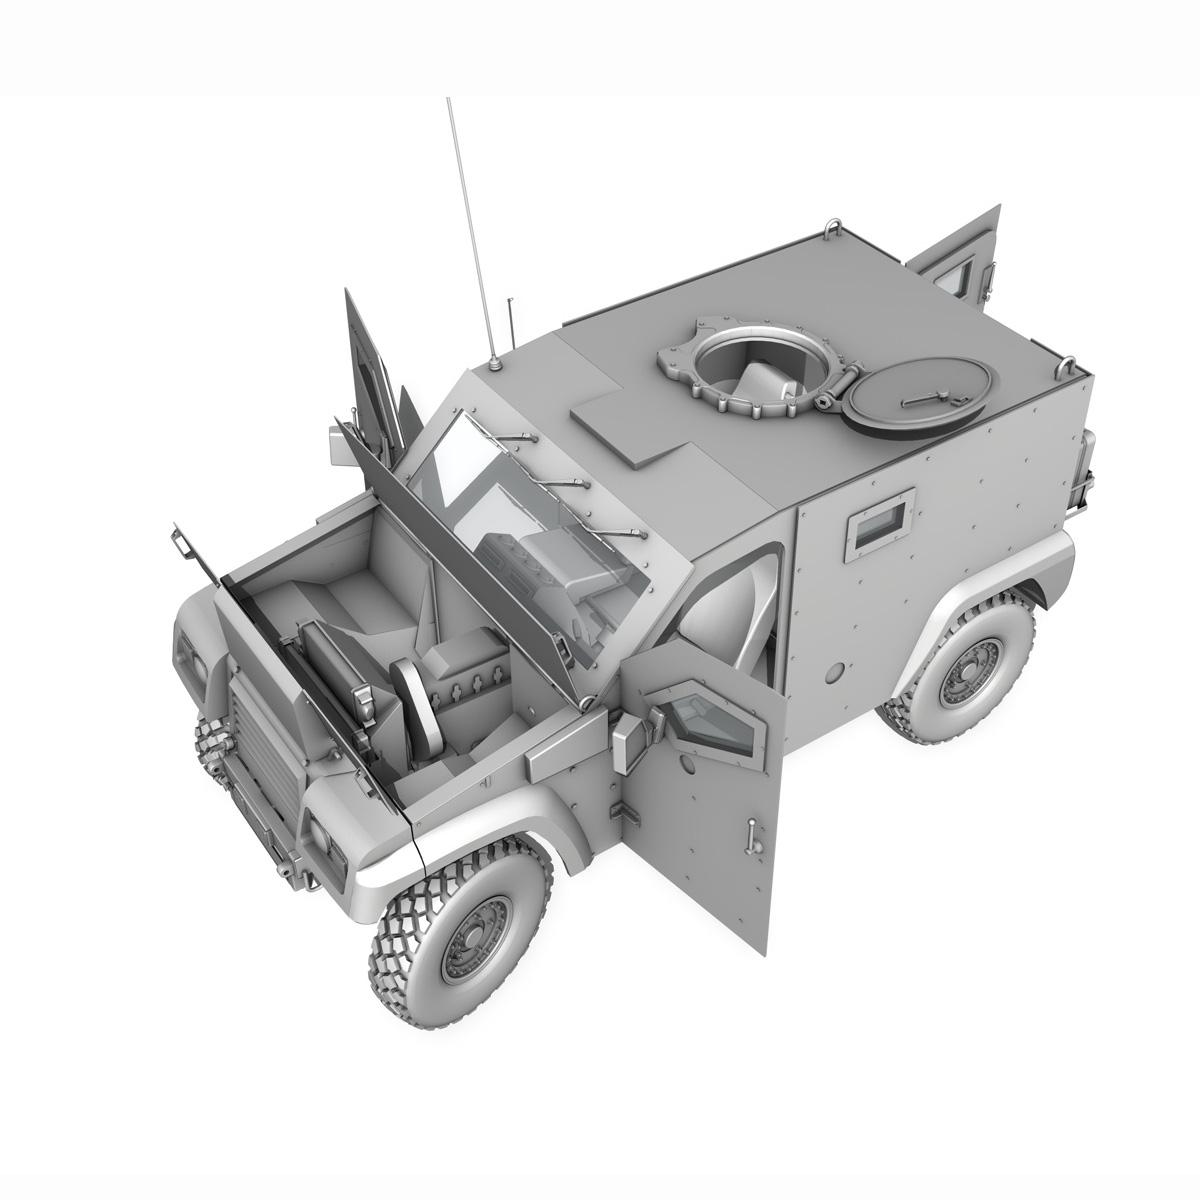 auverland panhard pvp – petit vehicule protege 3d model 3ds fbx c4d lwo obj 190131